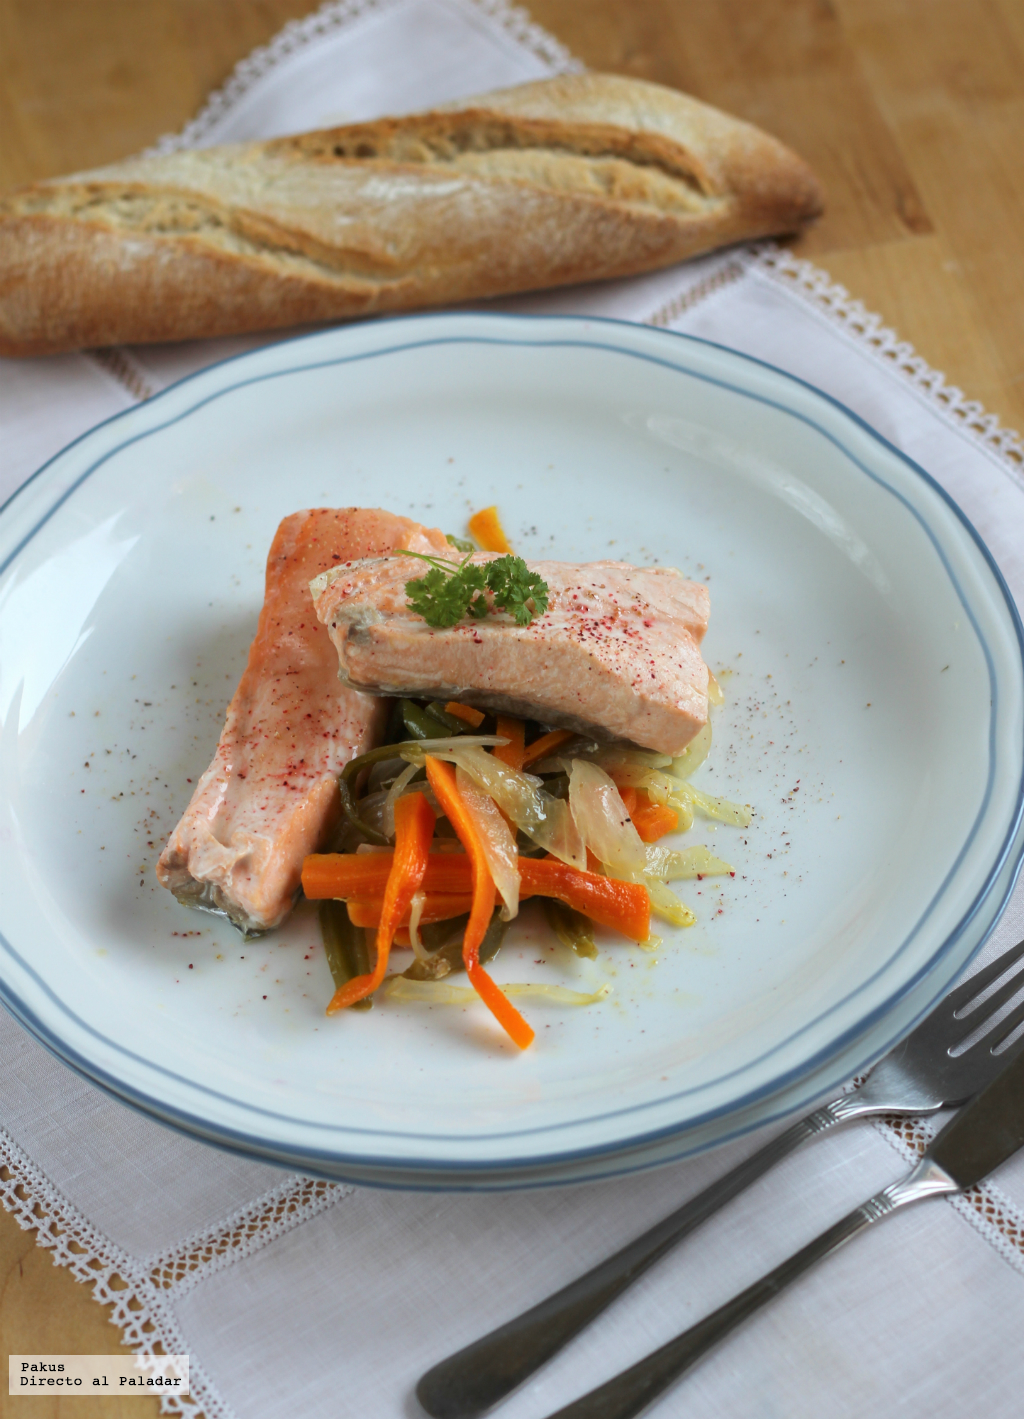 Salm n al horno en papillote - Formas de cocinar salmon ...